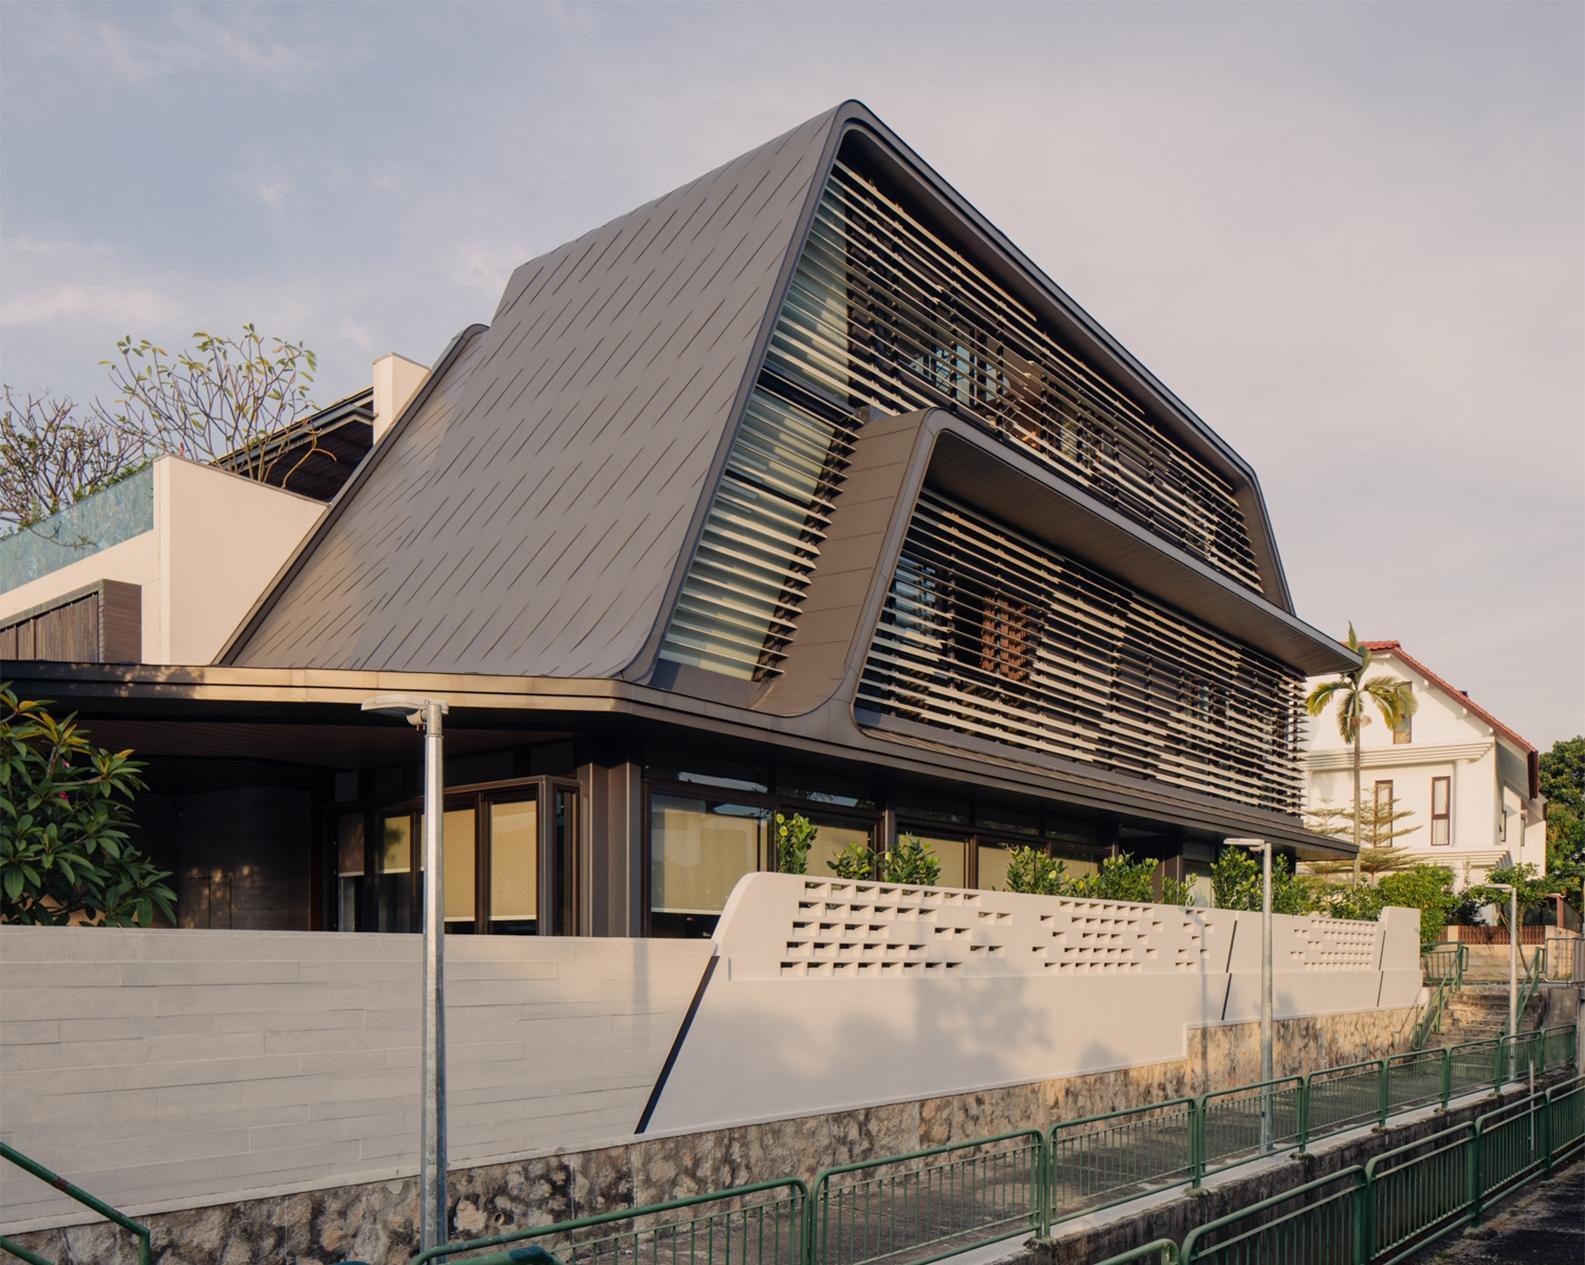 Strata House 4